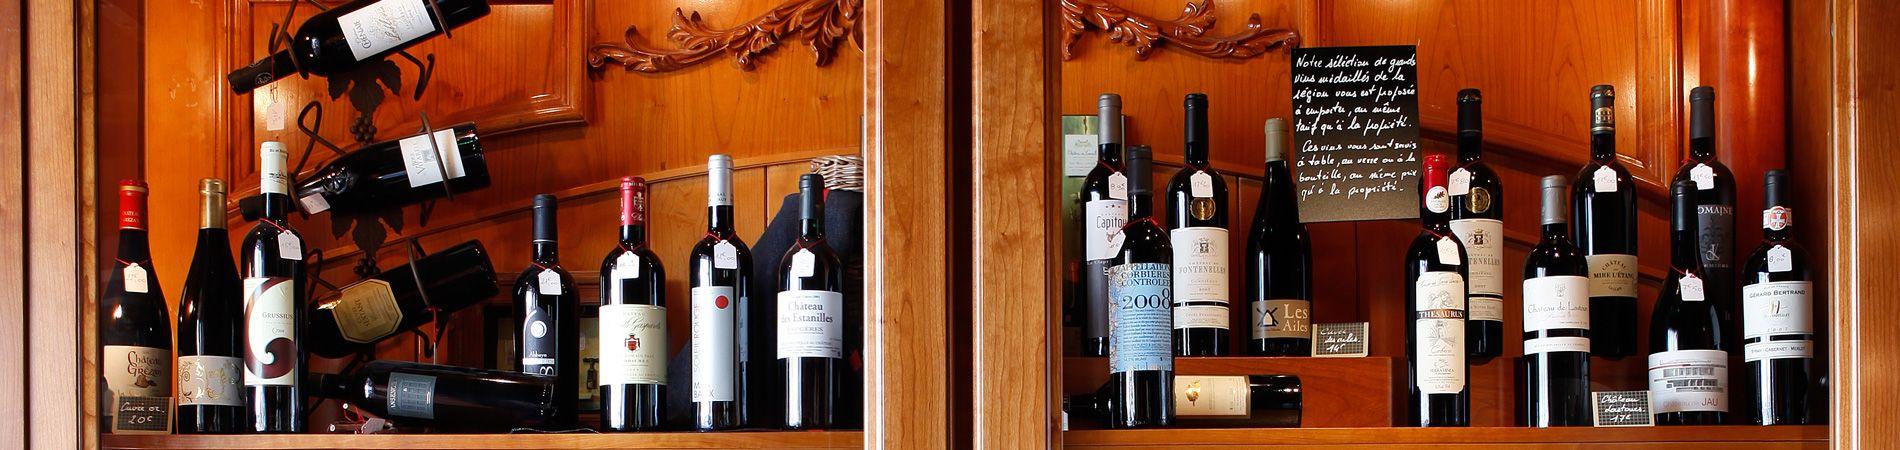 Découvrez les vins du Languedoc-Roussillon lors de votre repas aux grands buffets